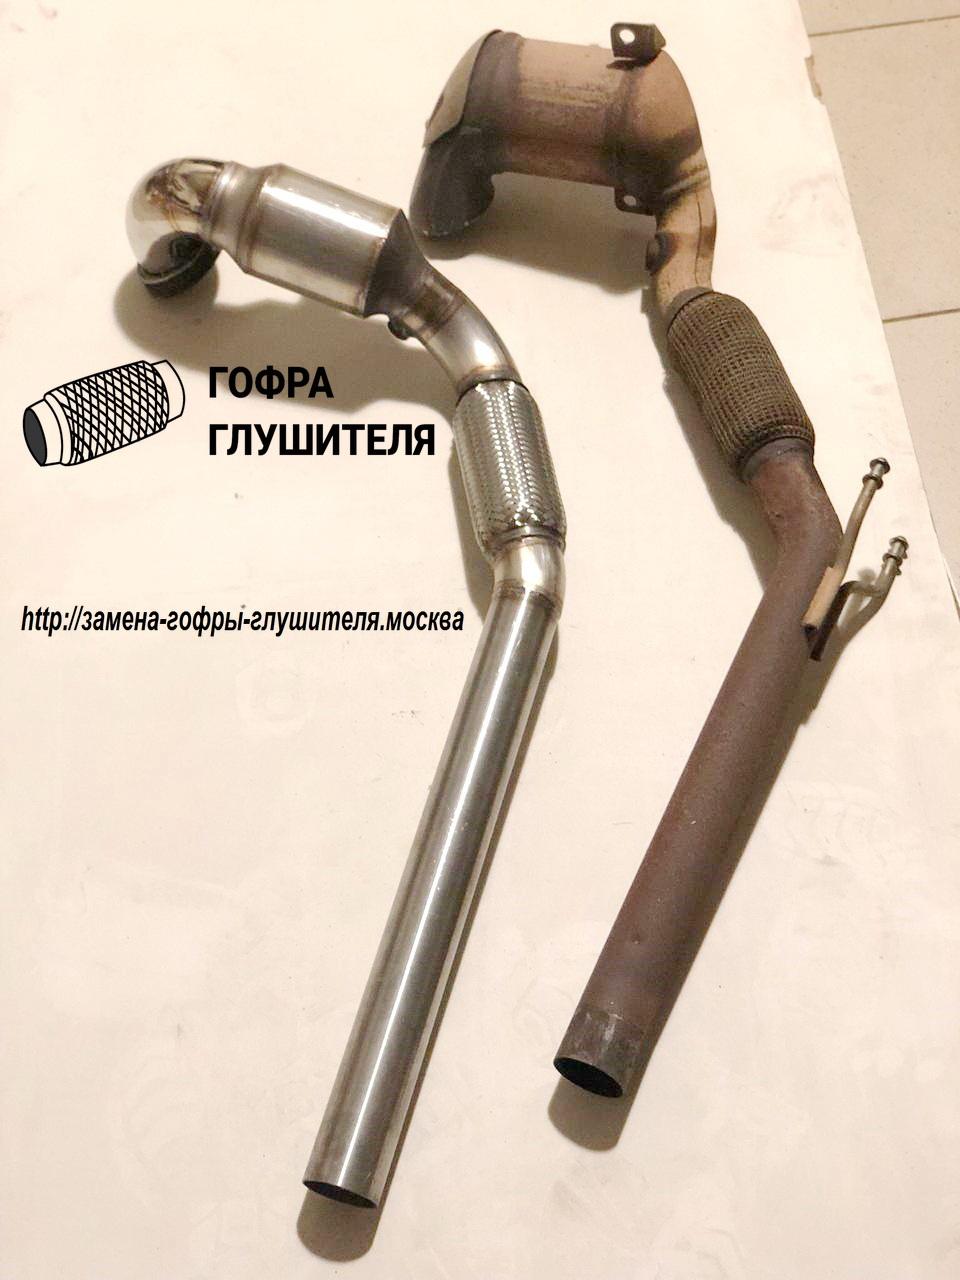 Гофора глушителя установленная на новой приёмной трубе